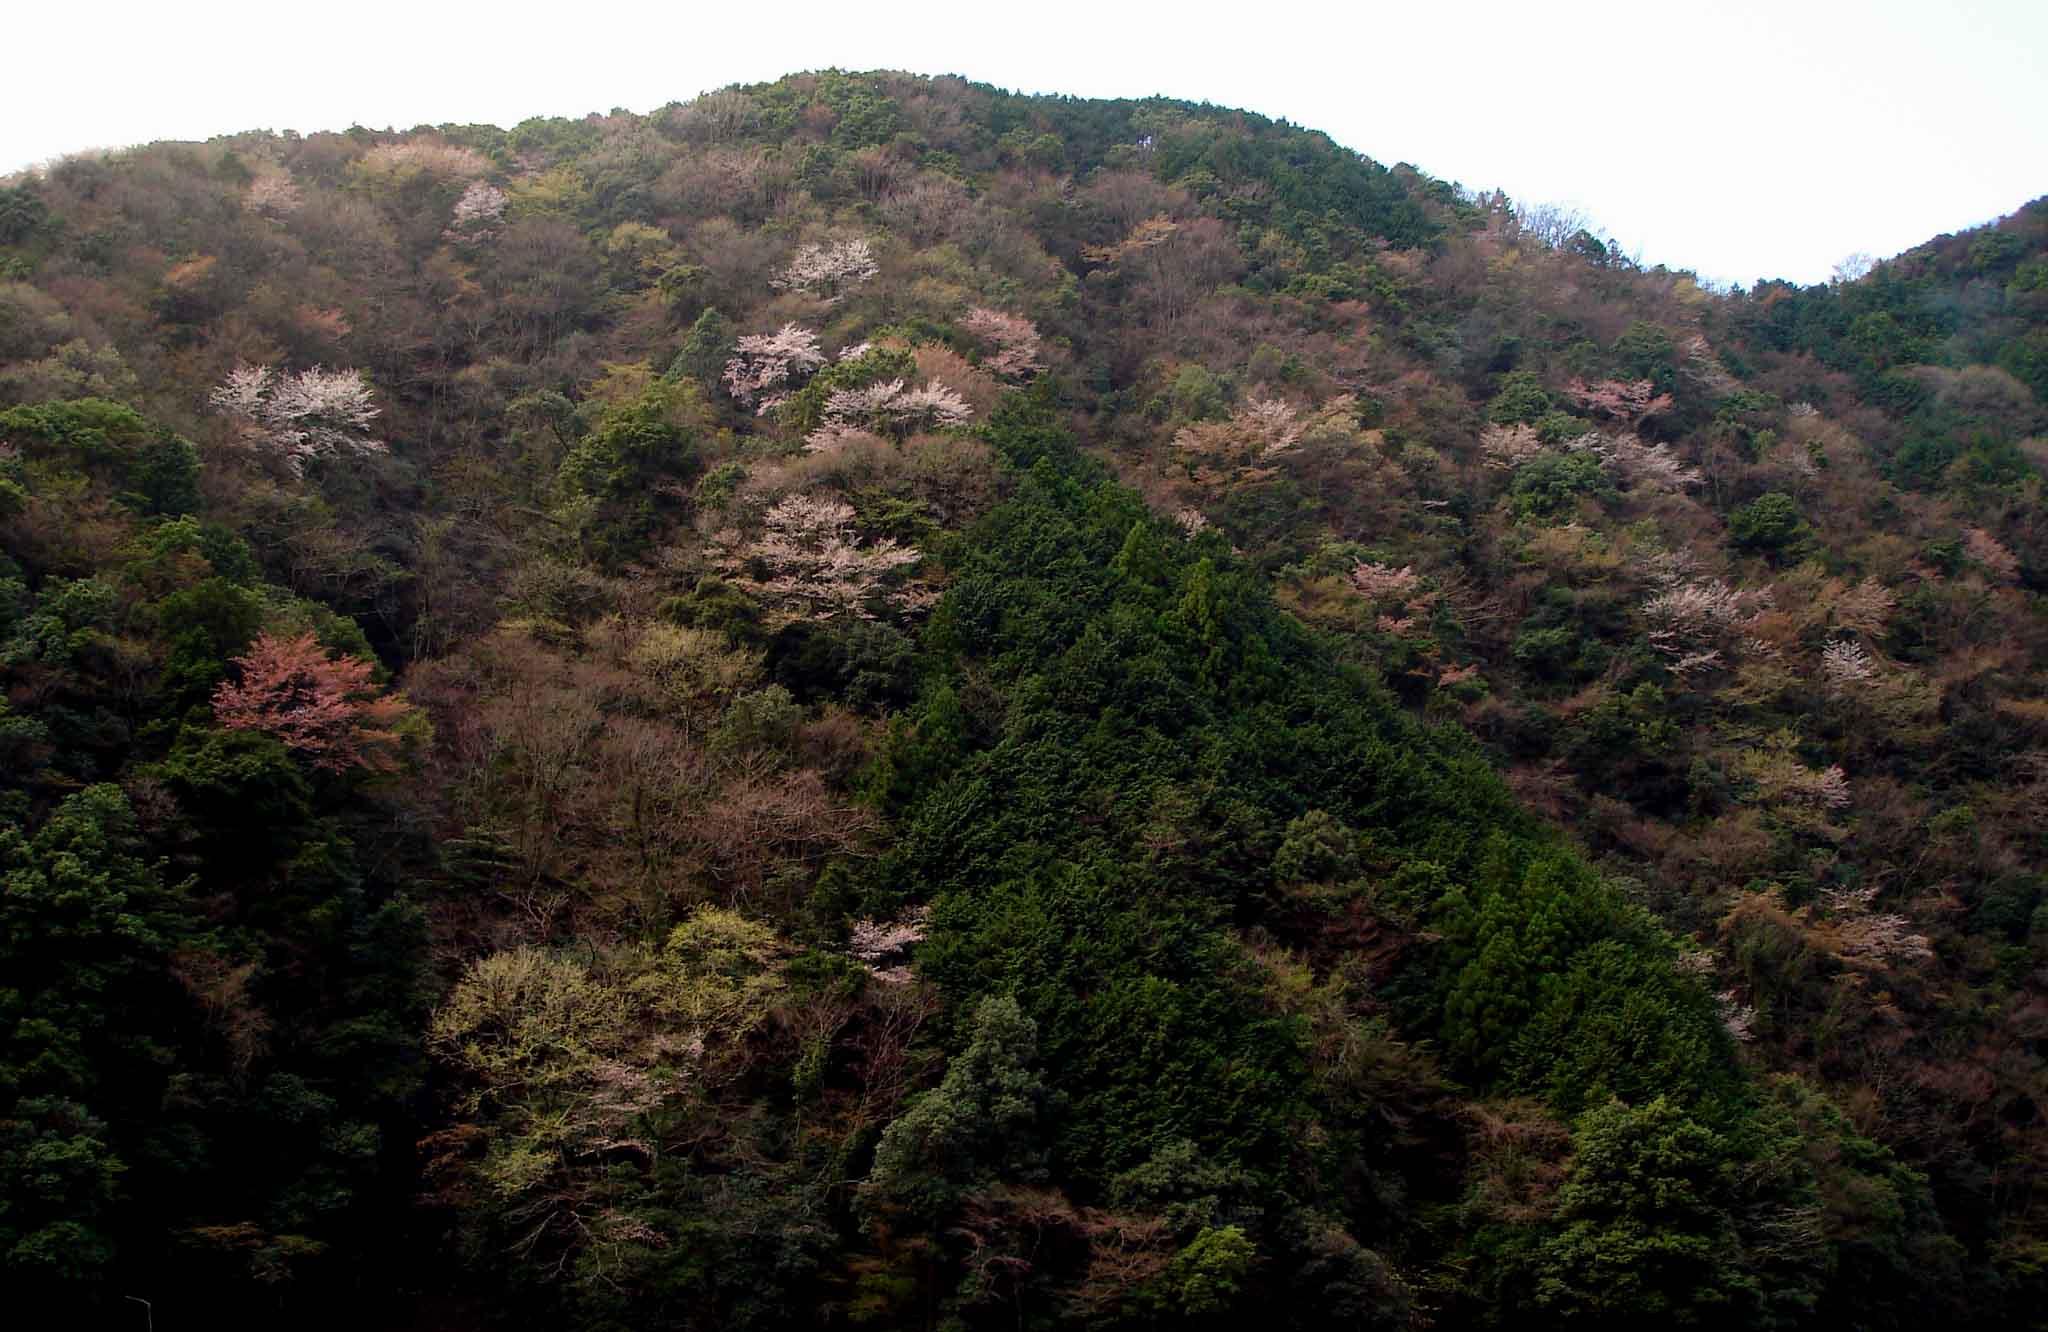 安倍川沿い山斜面のヤマザクラ